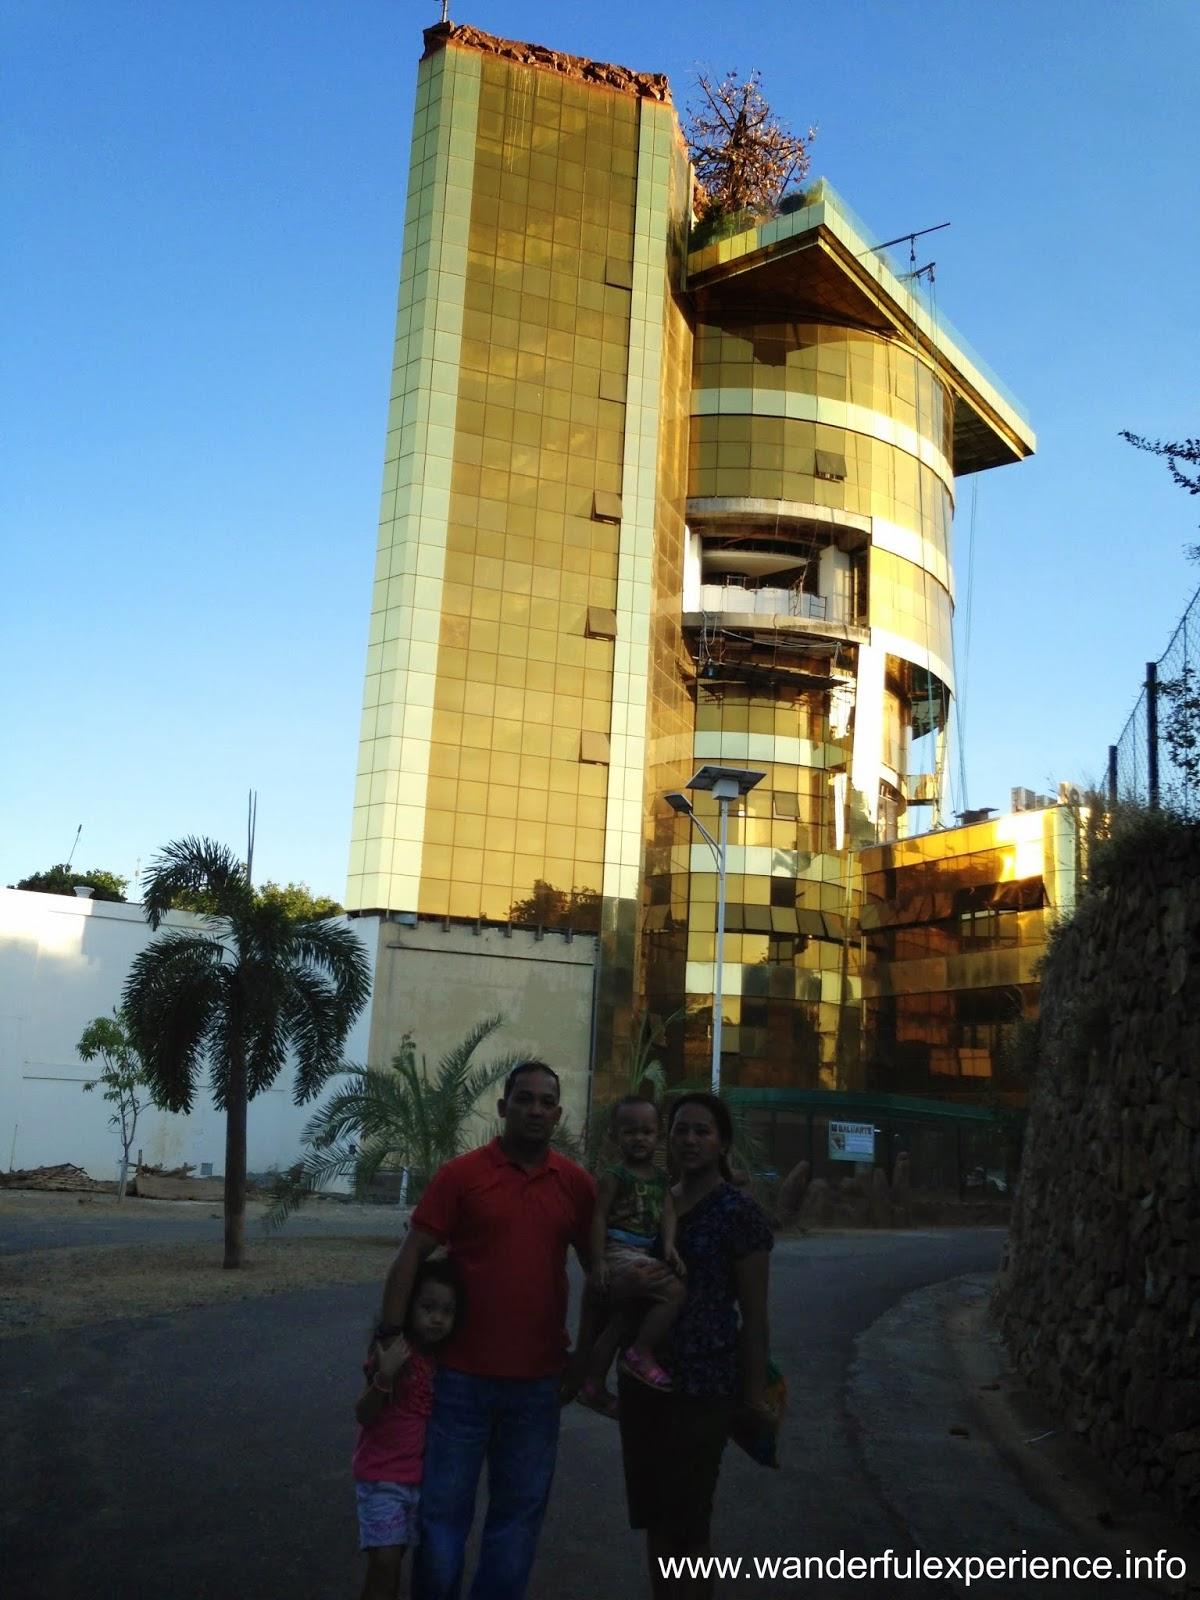 Golden building of Cong. Chavit Singson inside Baluarte